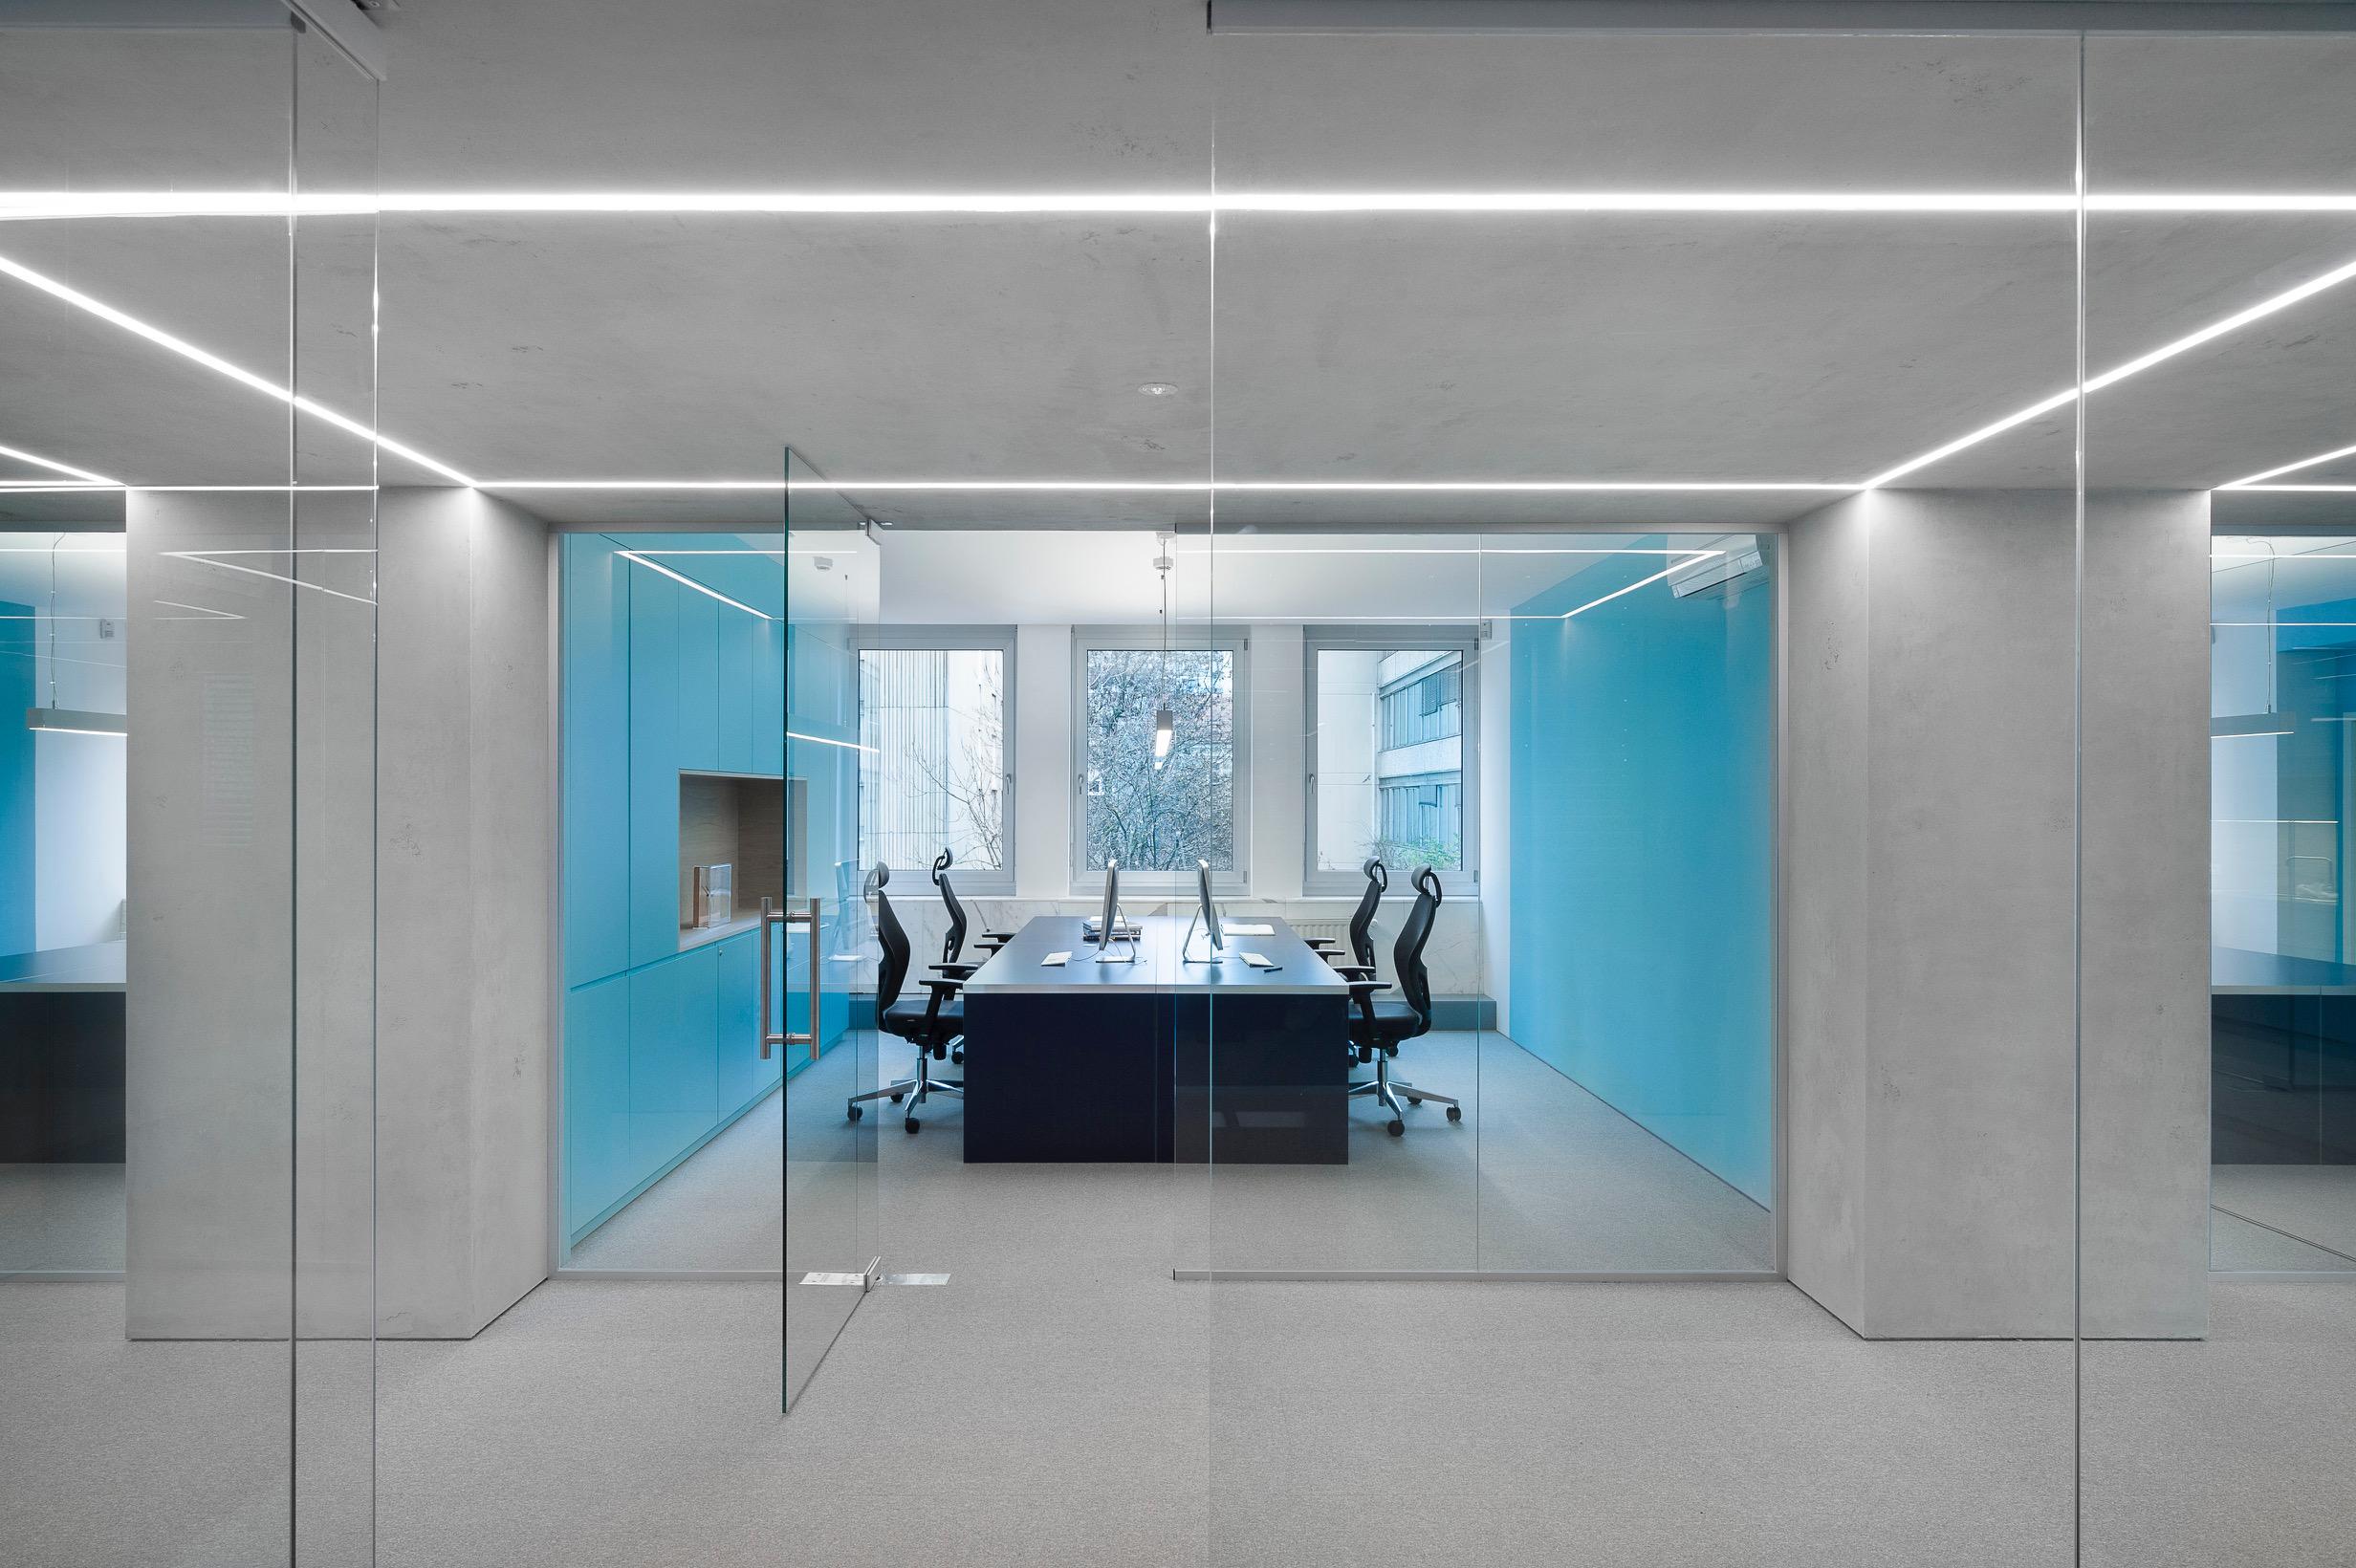 projekt Kolonada – prenova poslovnih prostorov Ljubljanske borze, ki je prejel Nagrado javni interier leta 2018. ARHITEKTURNI biro Kosi in partnerji in Arhitektura 2211. PHOTO: JANEZ MAROLT